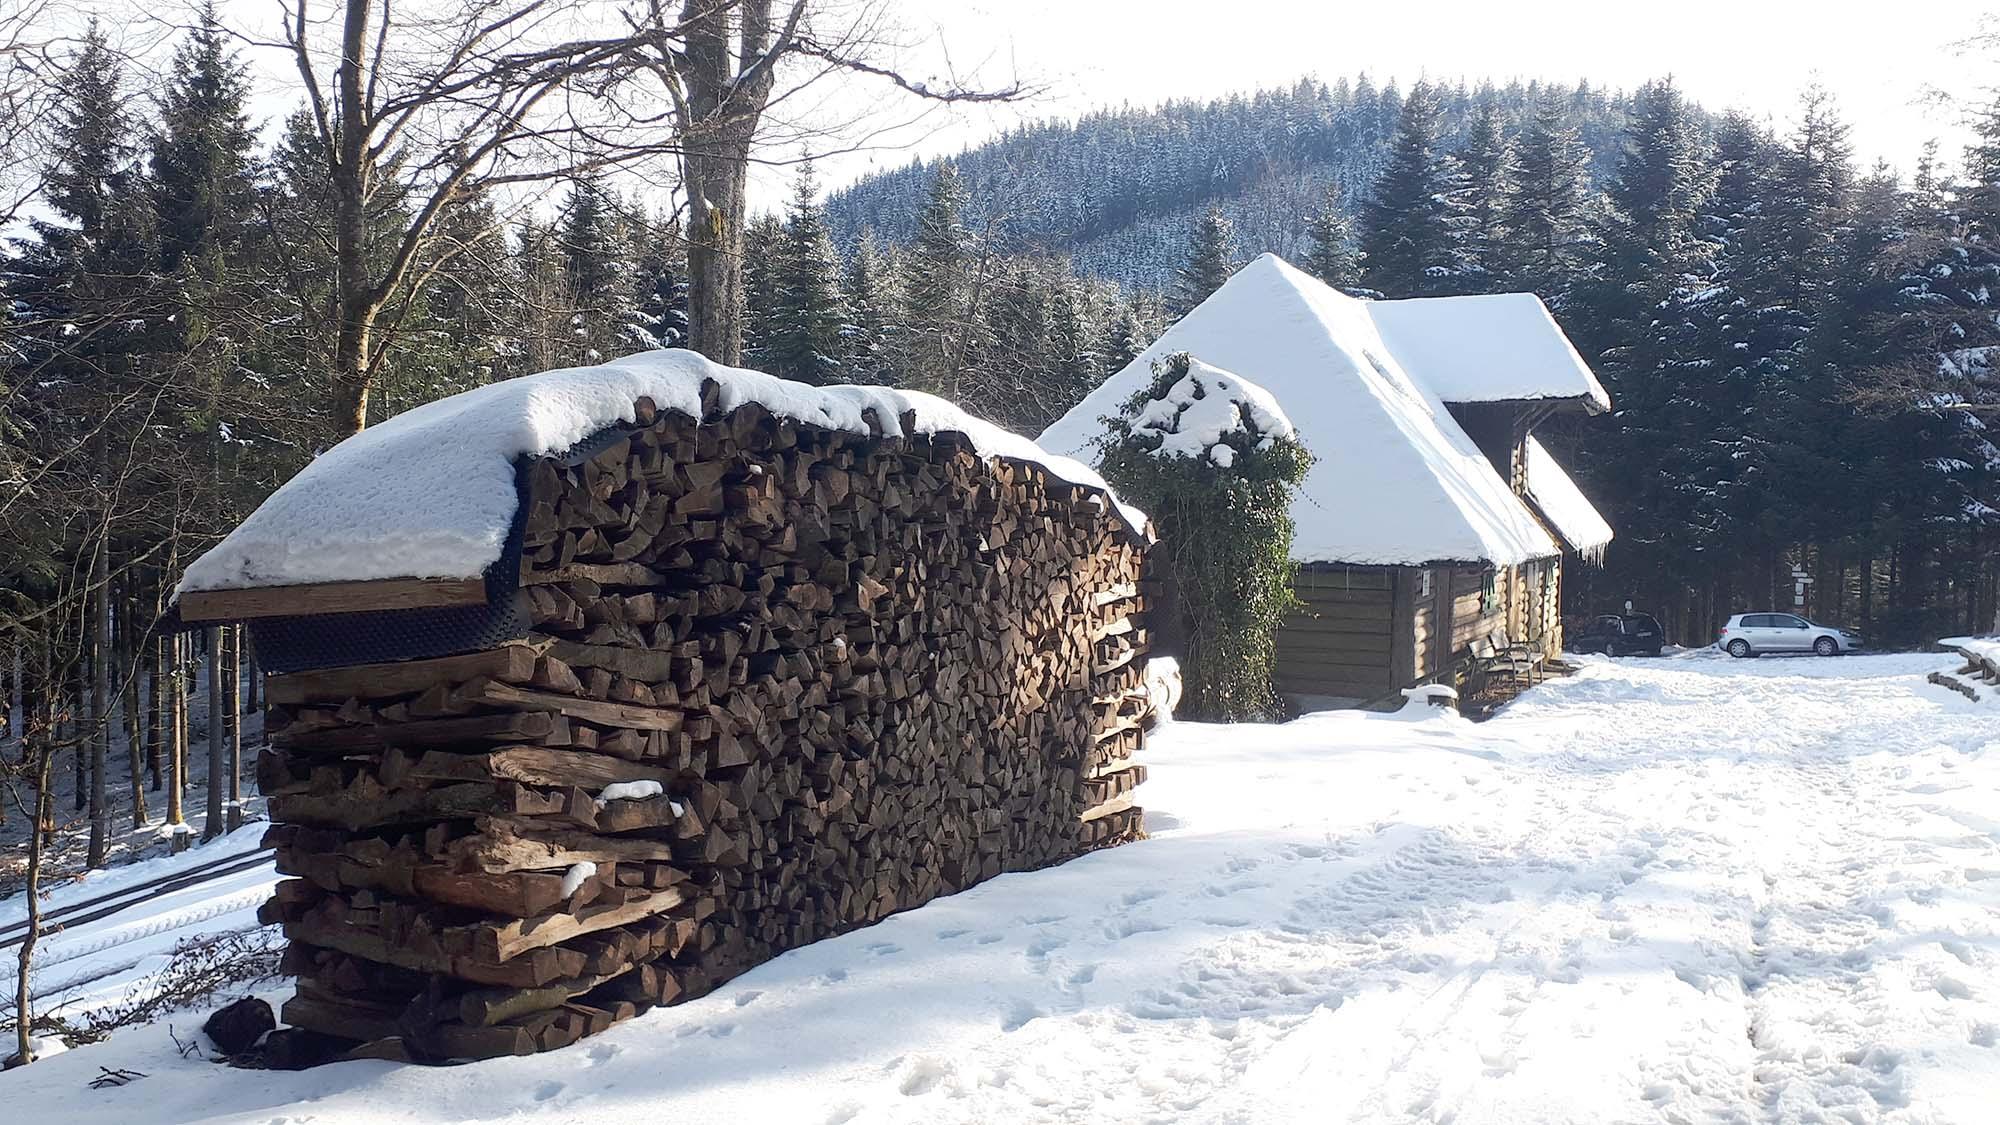 2021-3-22-ZE-Ulrich Spitzmüller-Frühlingsanfang-Kreuzsattelhütte